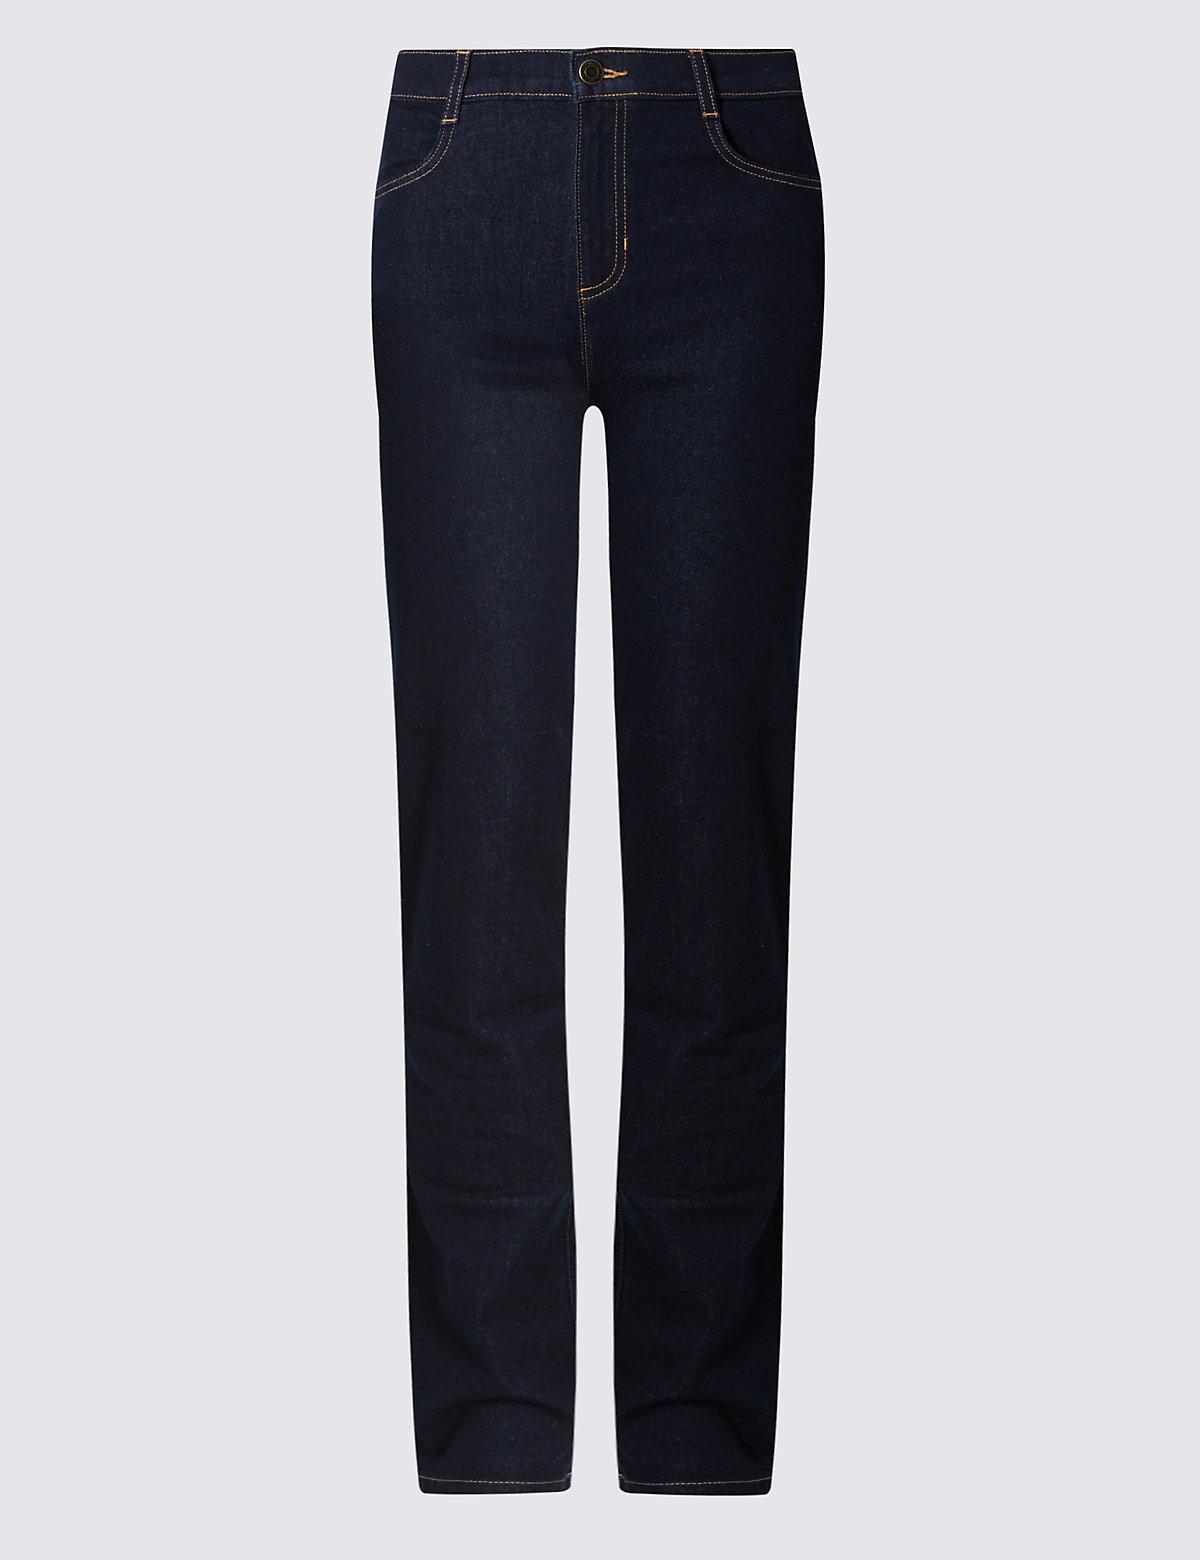 Классические прямые джинсы с высокой посадкой